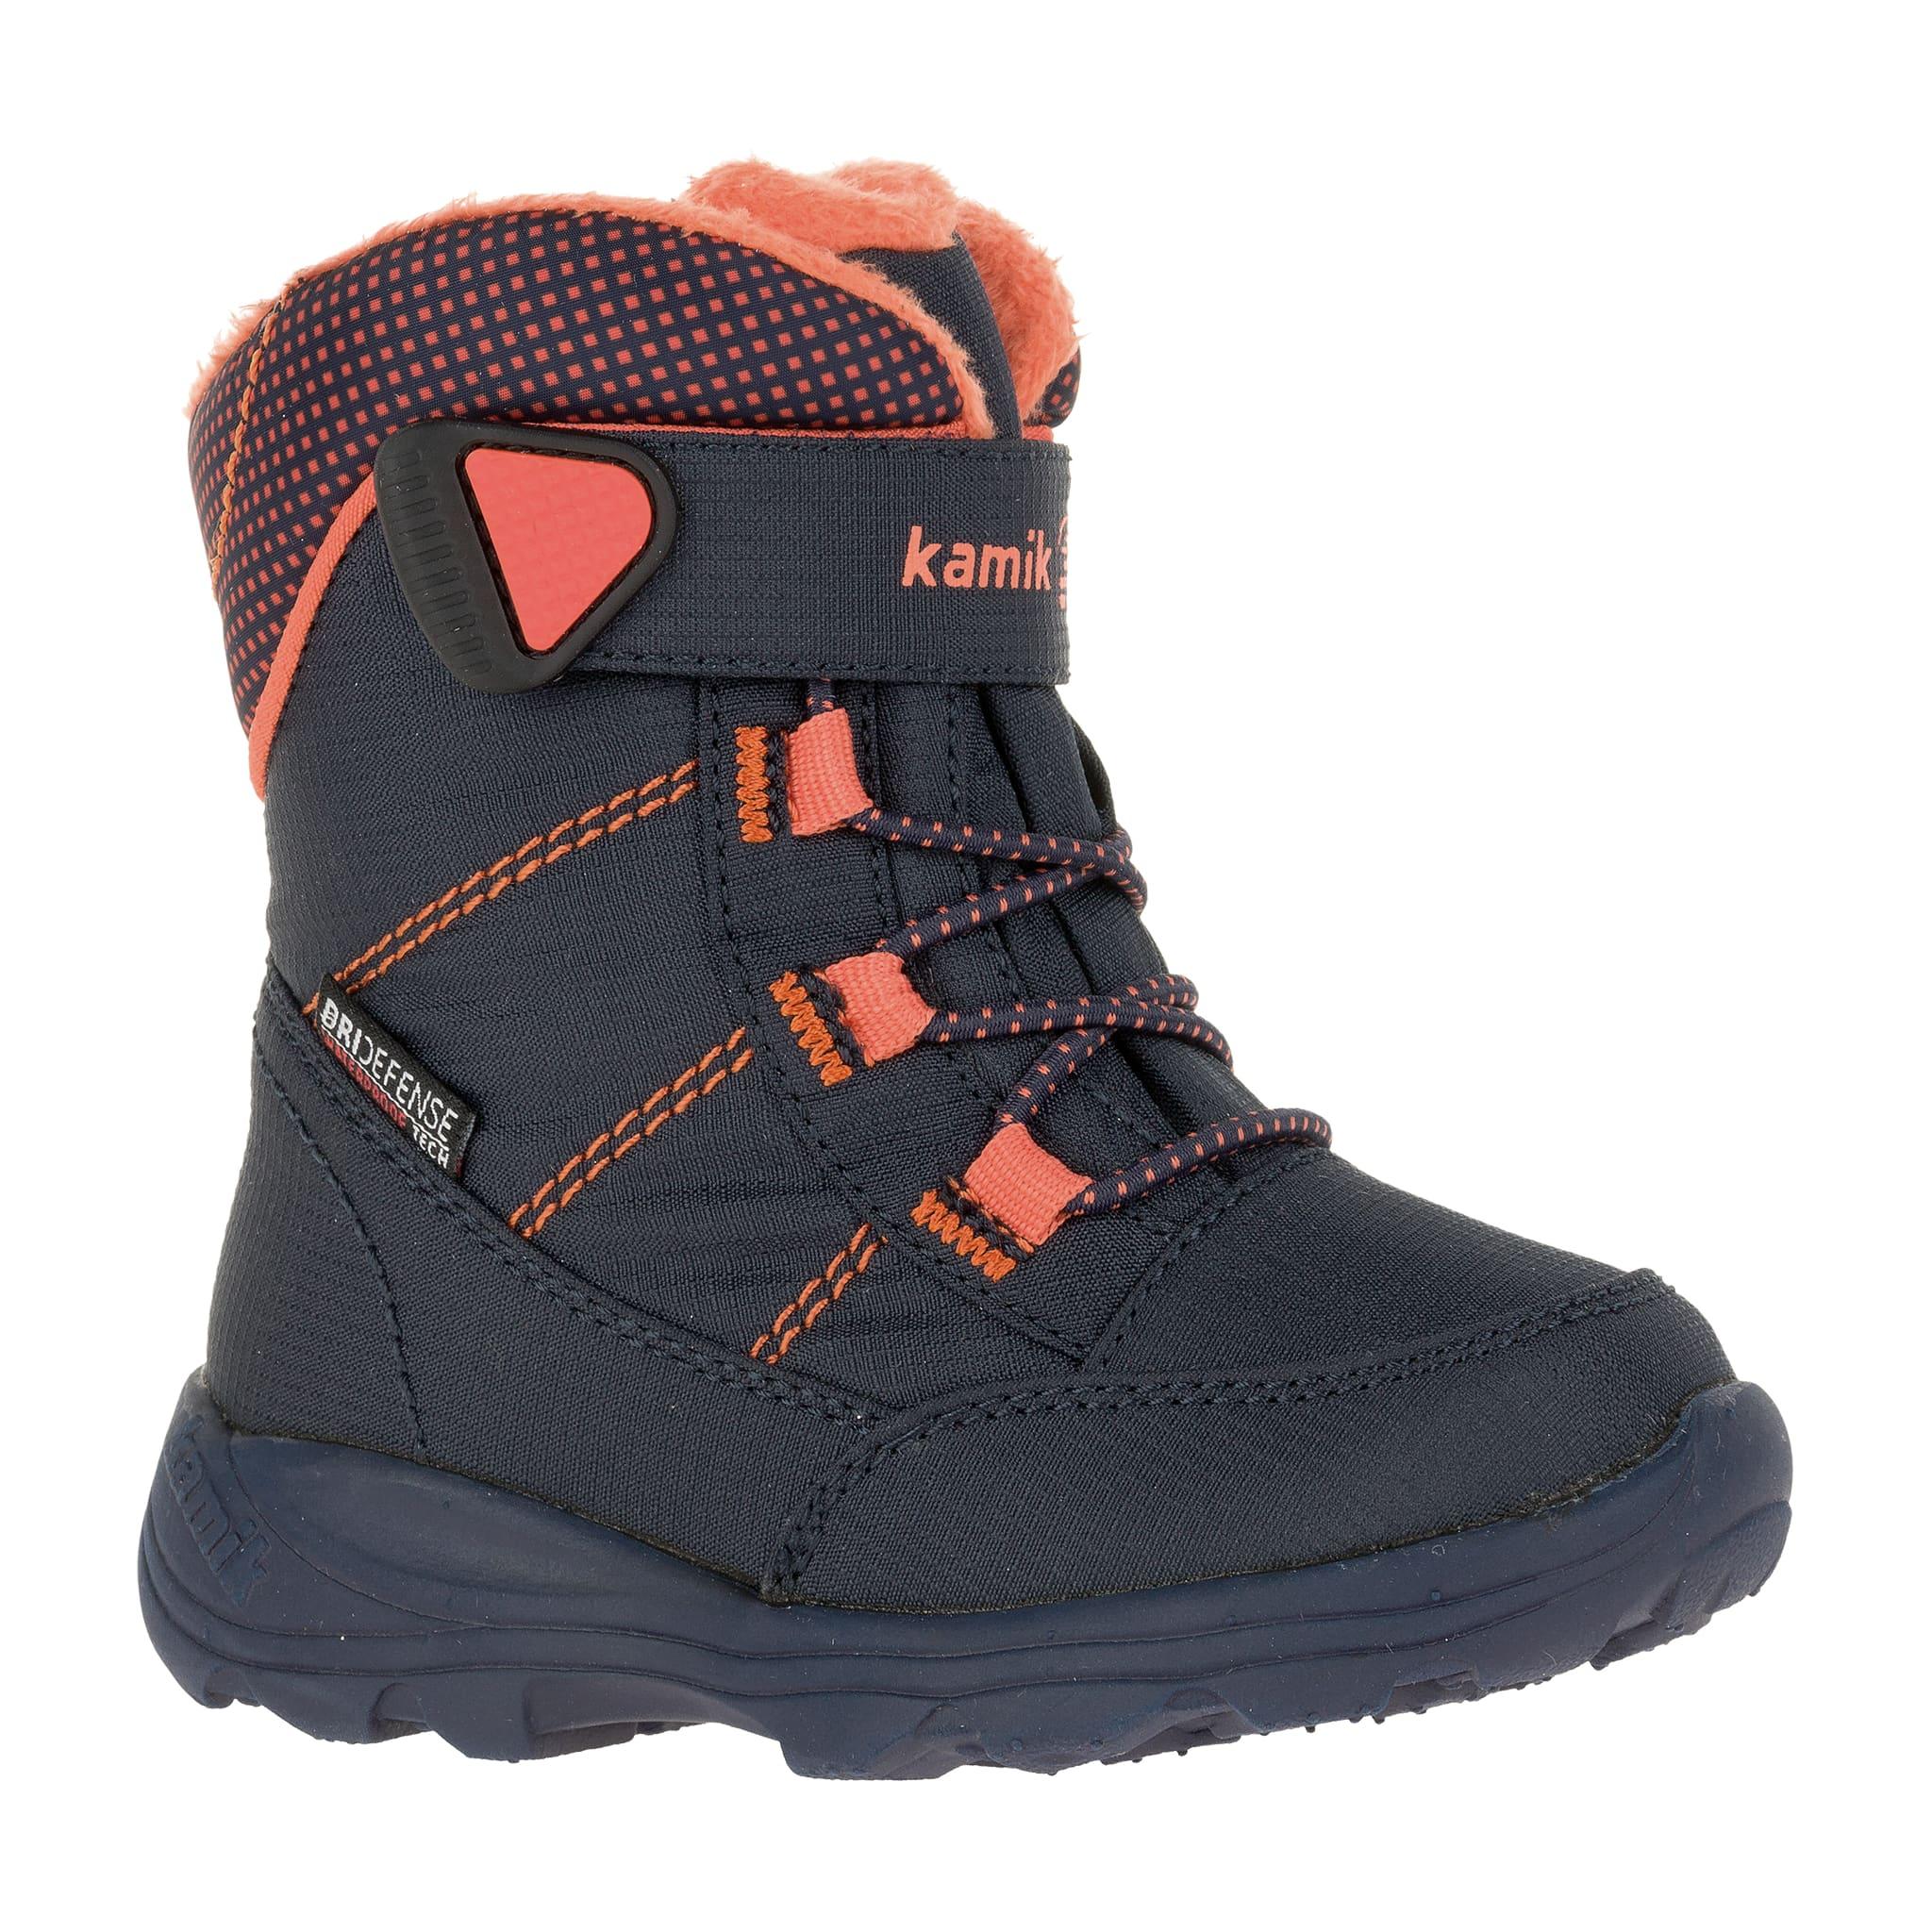 Supervarme og komfortable vinterstøvler laget for det kalde vinterværet